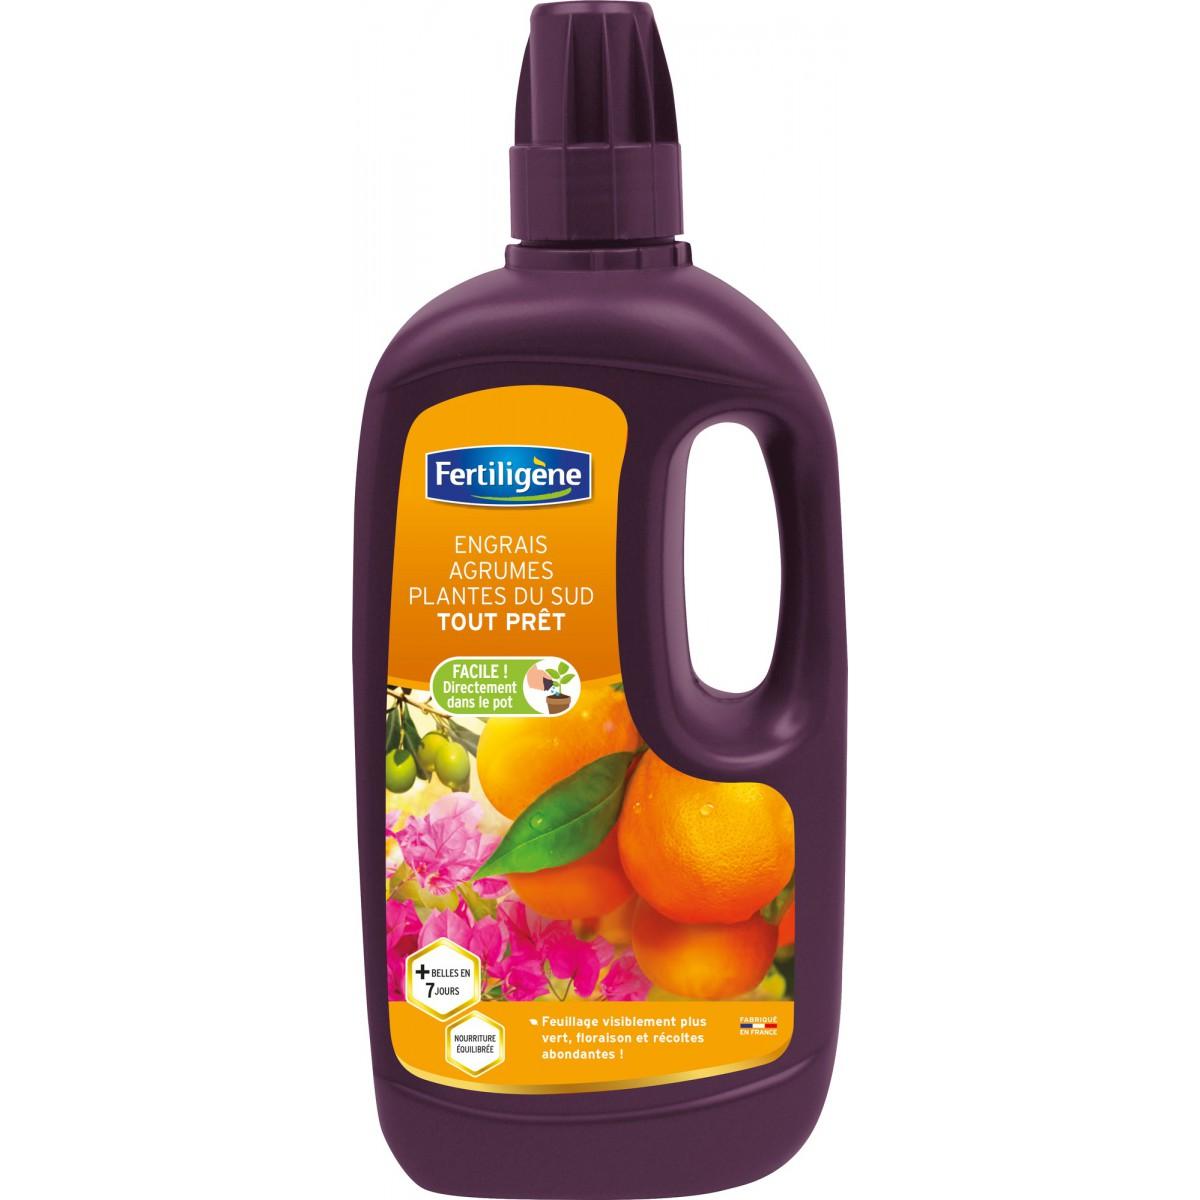 Engrais liquide agrumes et plantes du Sud Fertiligène - 1 l